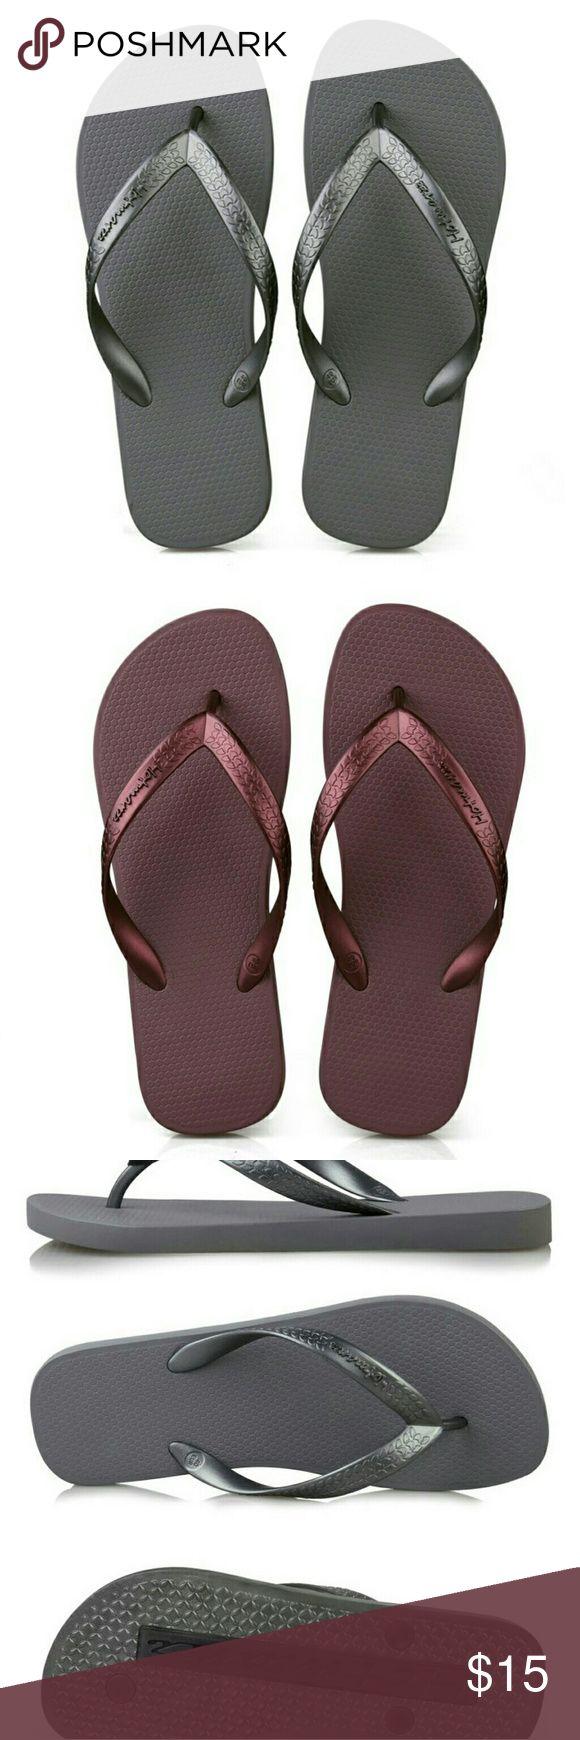 Flip Flops for Men,Non slip Fat Beach Sandals Brand new high quality men's flip flops Shoes Slippers